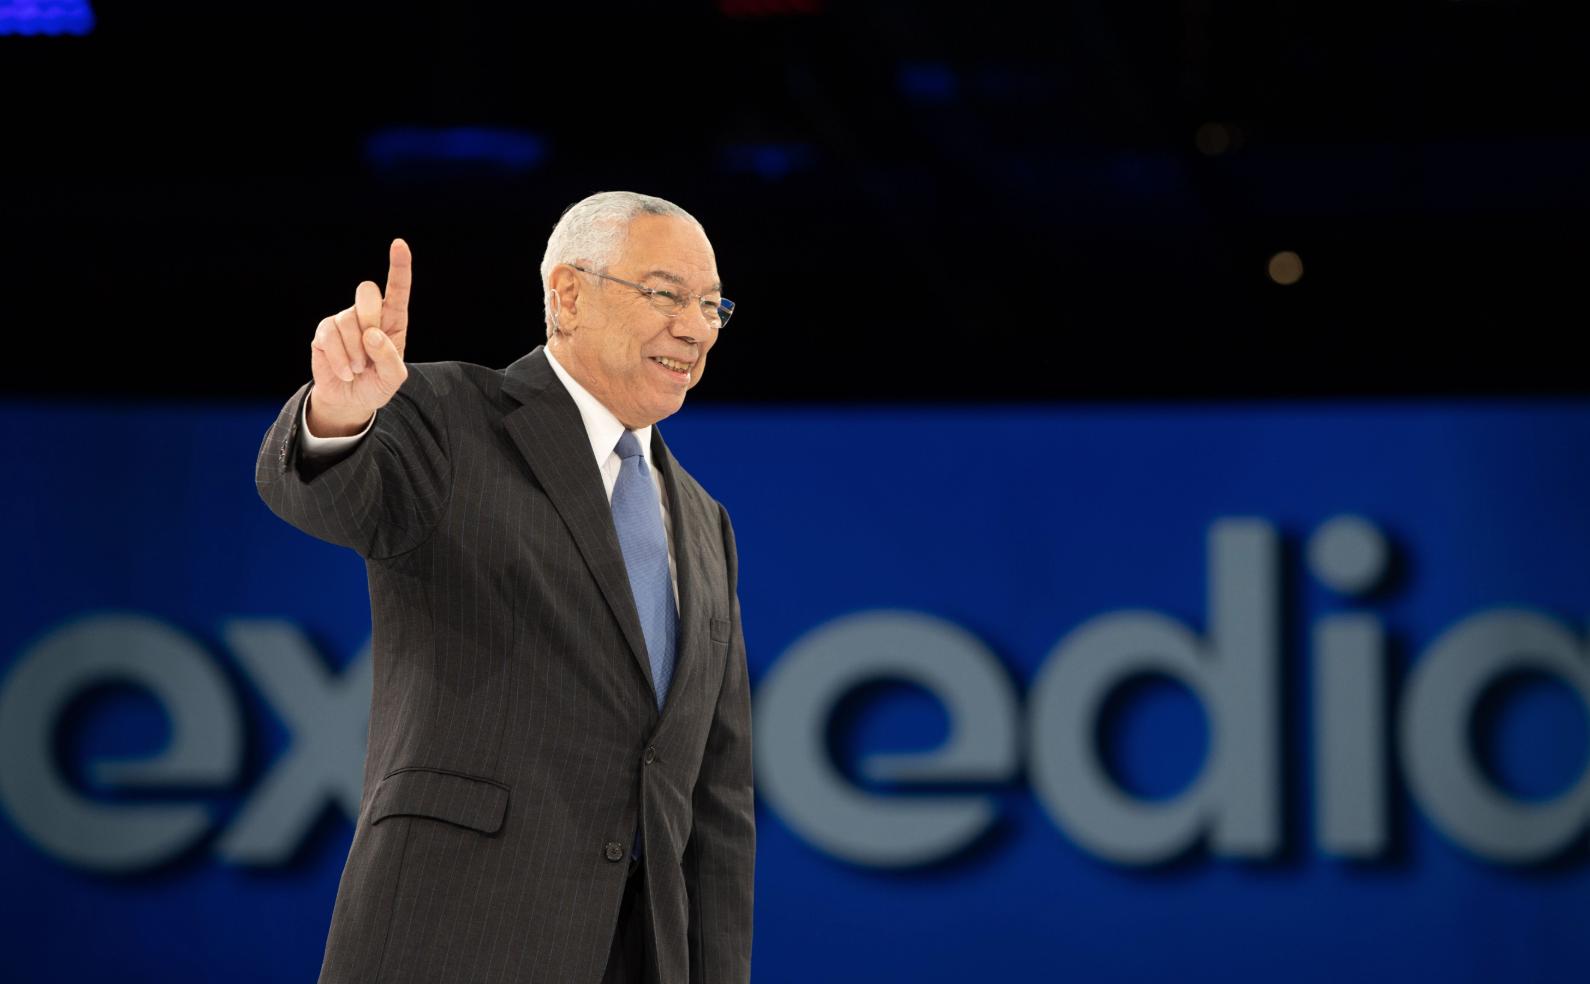 Colin Powell, l'ex secrétaire d'Etat américain, a fait se lever les 3000 participants à l'Explore 2019 © Expedia